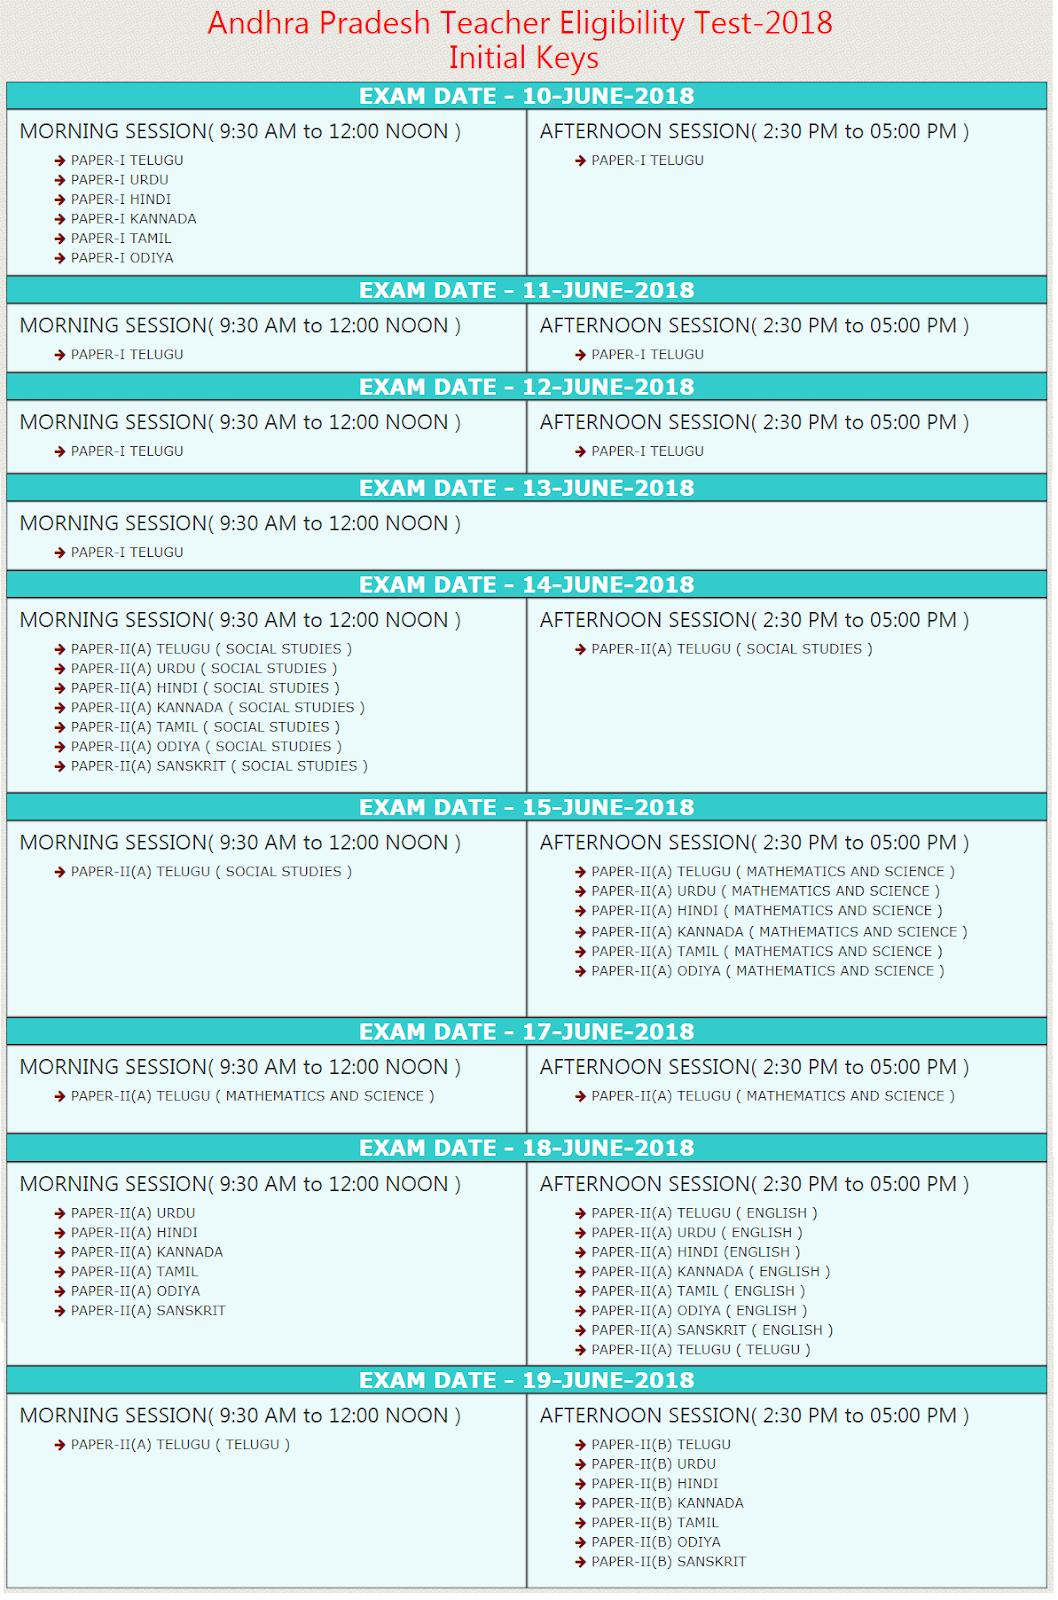 Andhra Pradesh TET Key 2018